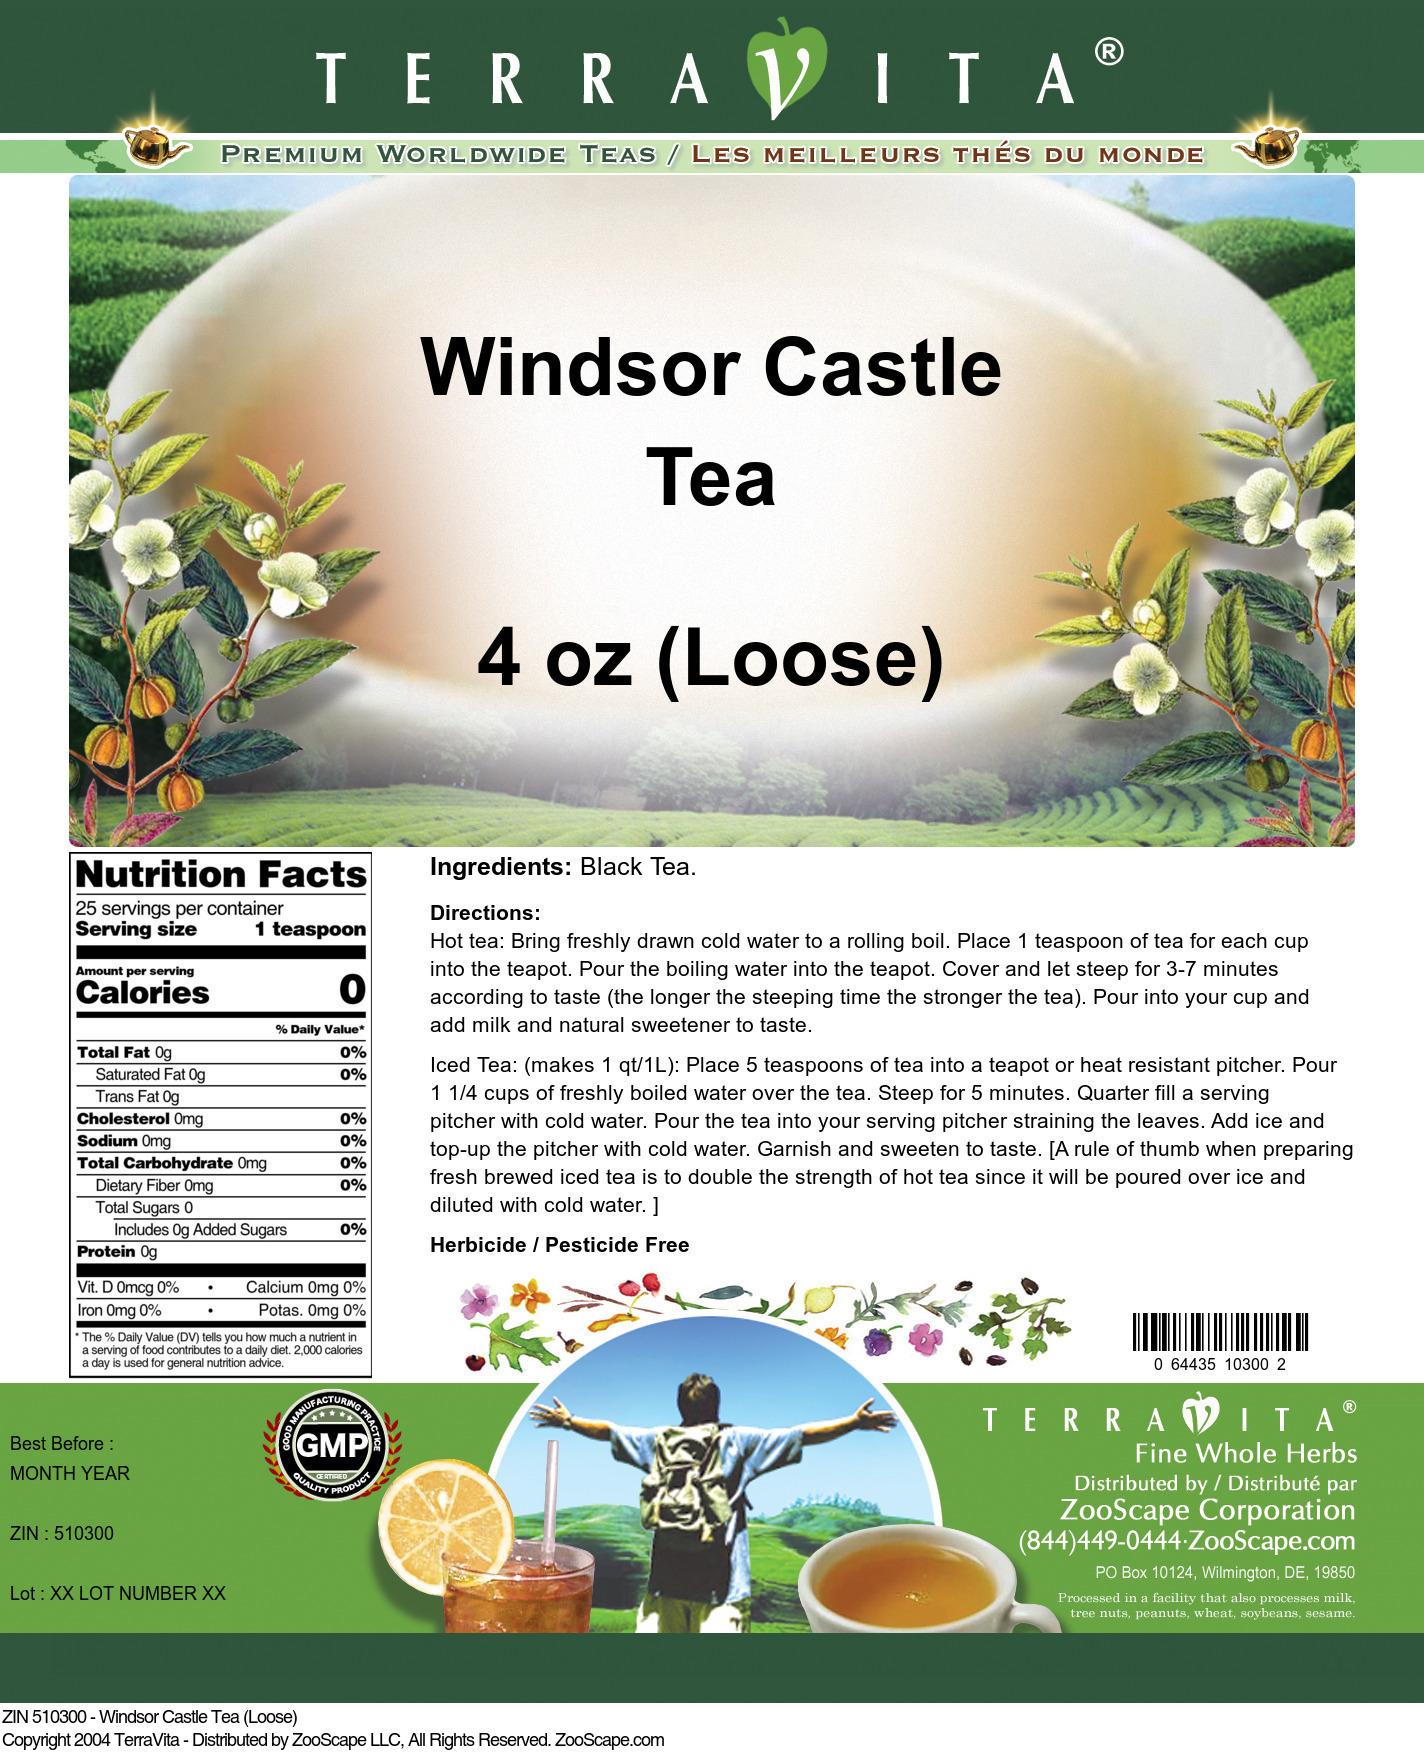 Windsor Castle Tea (Loose)